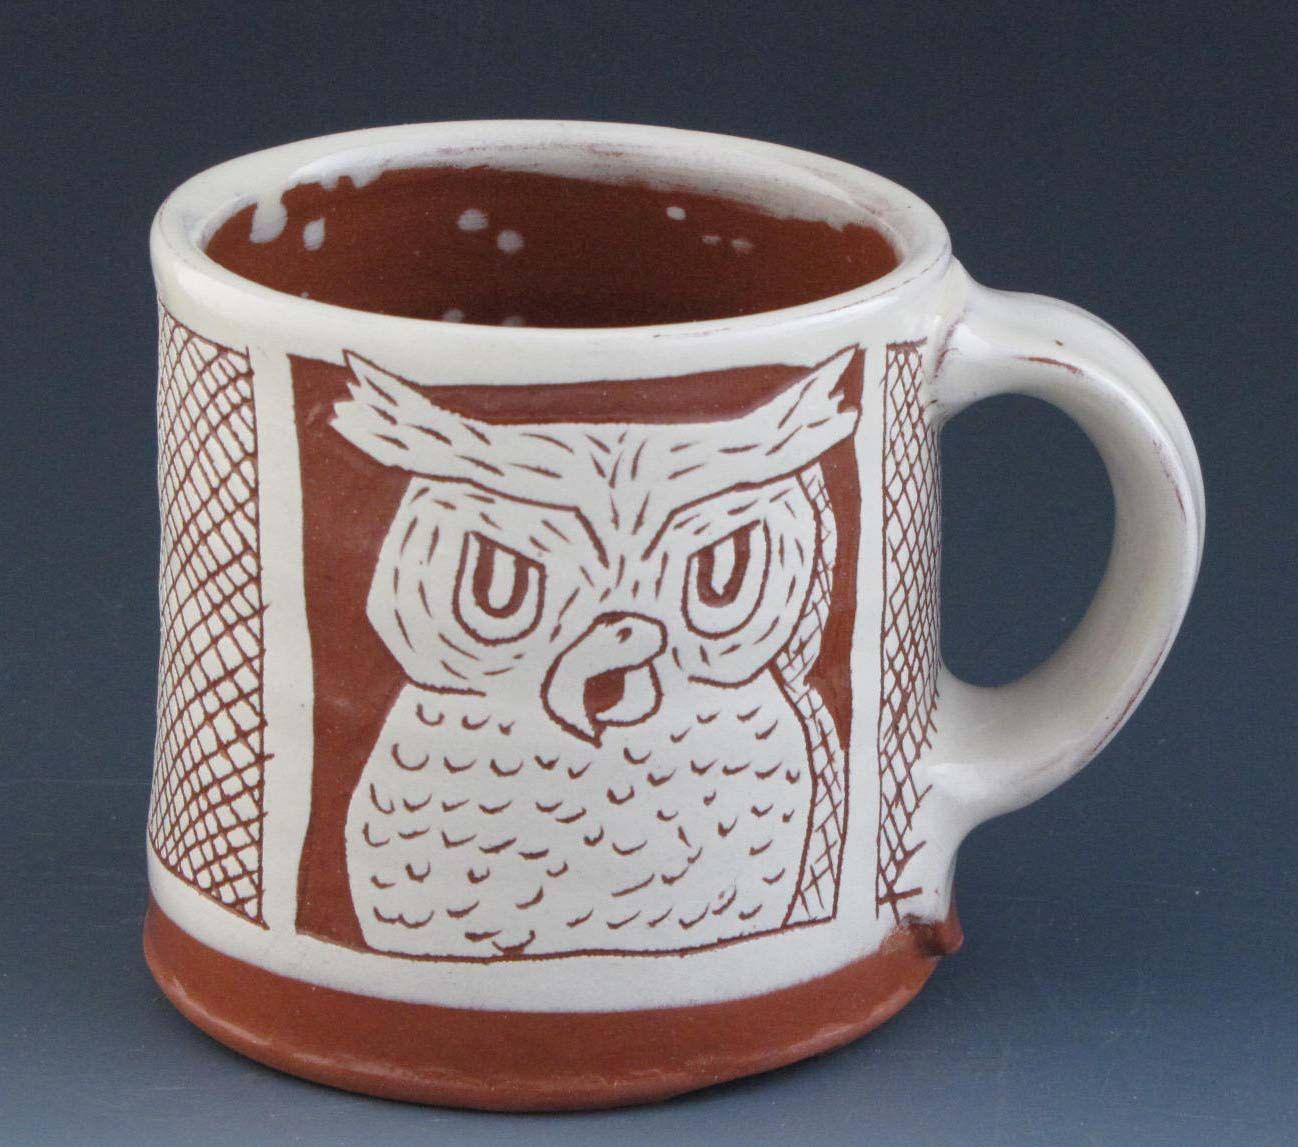 Coffee Mug with Rabbit and Owl